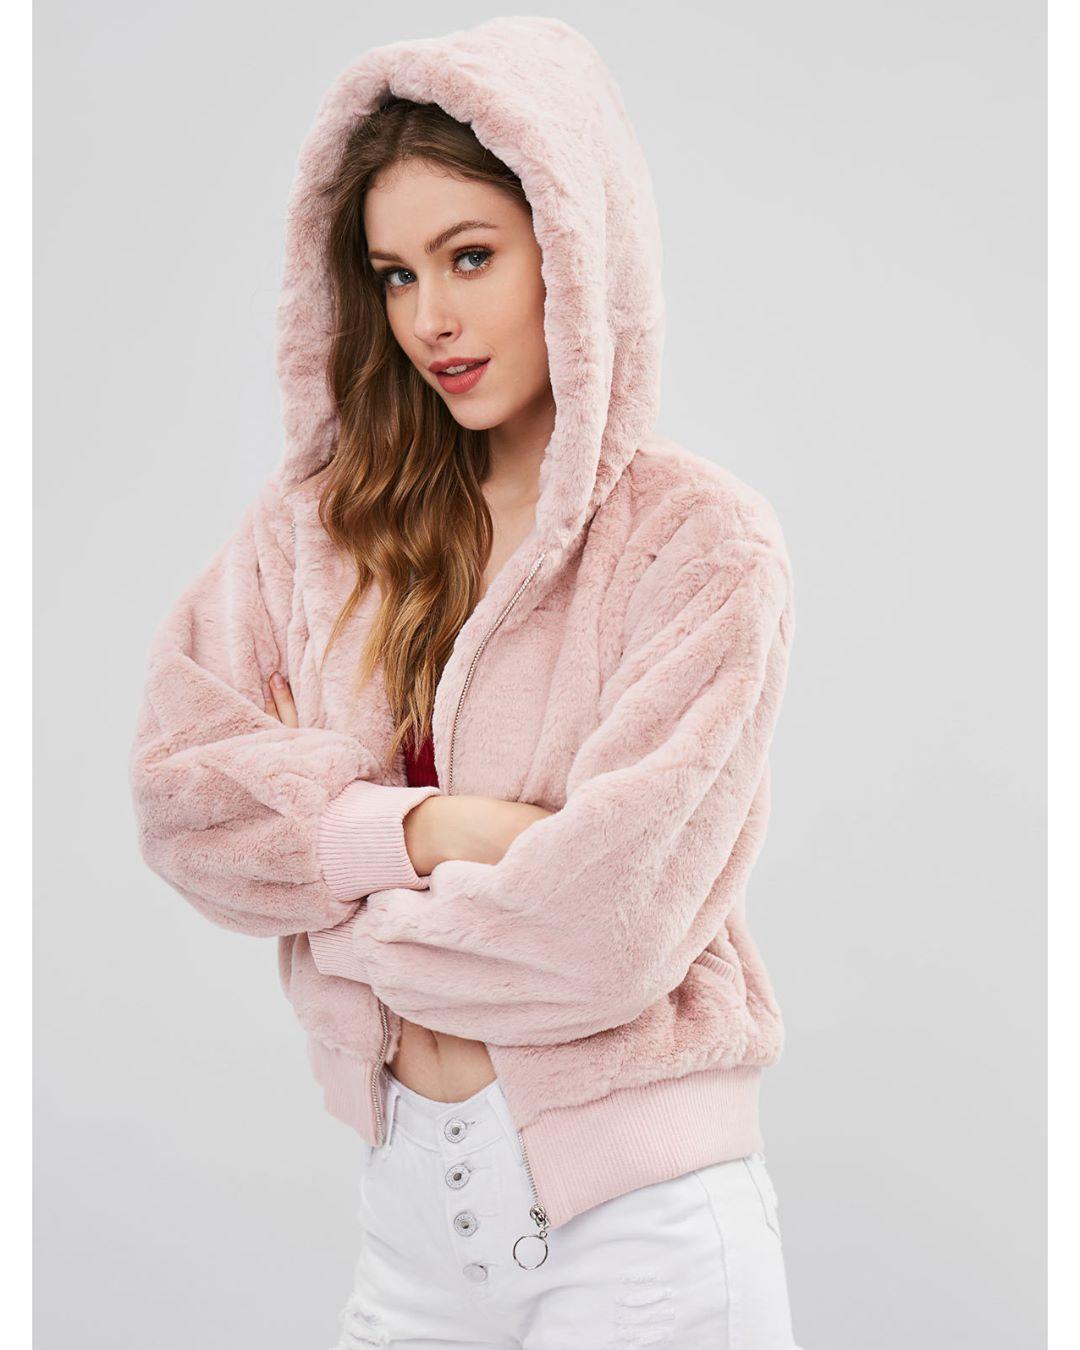 71a36b9b Ropa de mujer en oferta Ropa de Mujer Ofertas ropa mujer | Descuentos ropa  online mujer